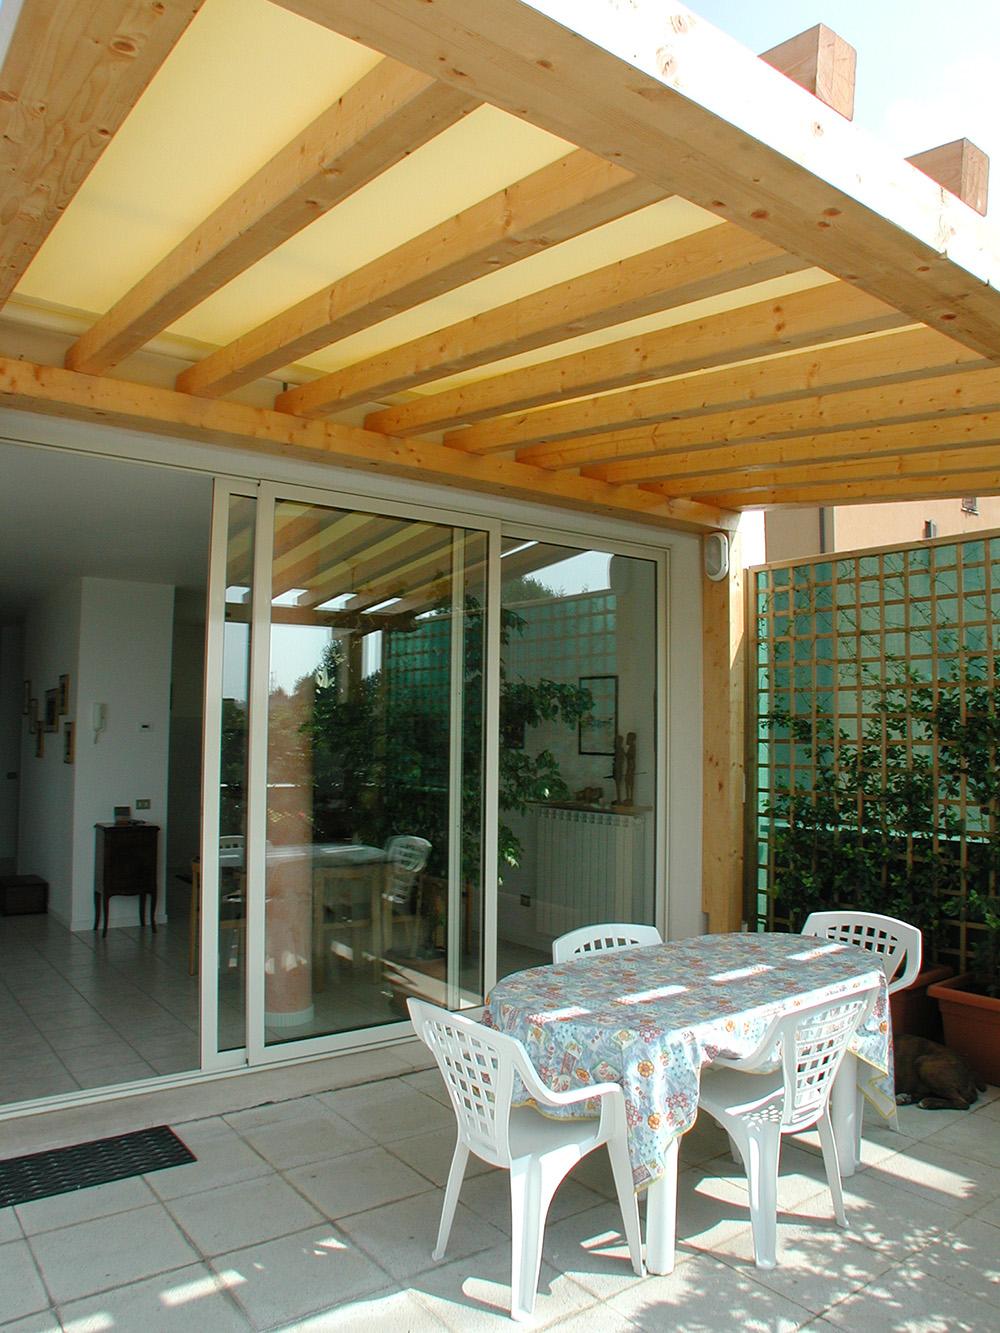 Tettoie per giardino in legno lamellare for Mobili per terrazzo